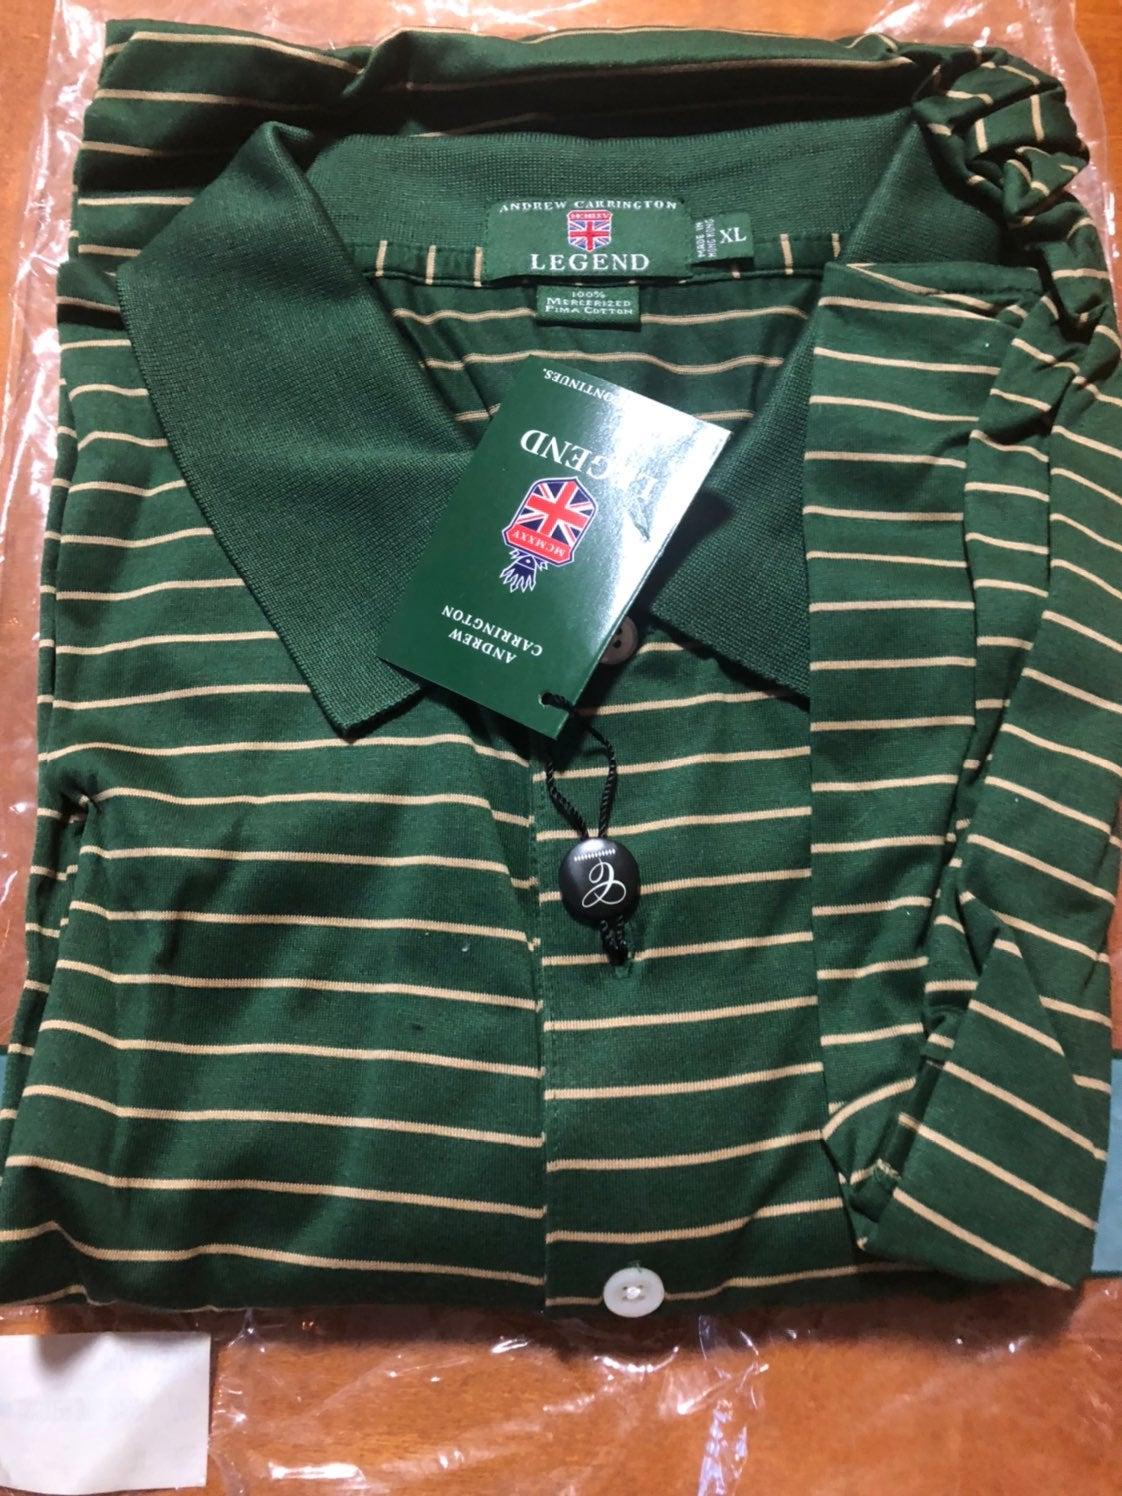 Carrington Legend Golf shirt size XL